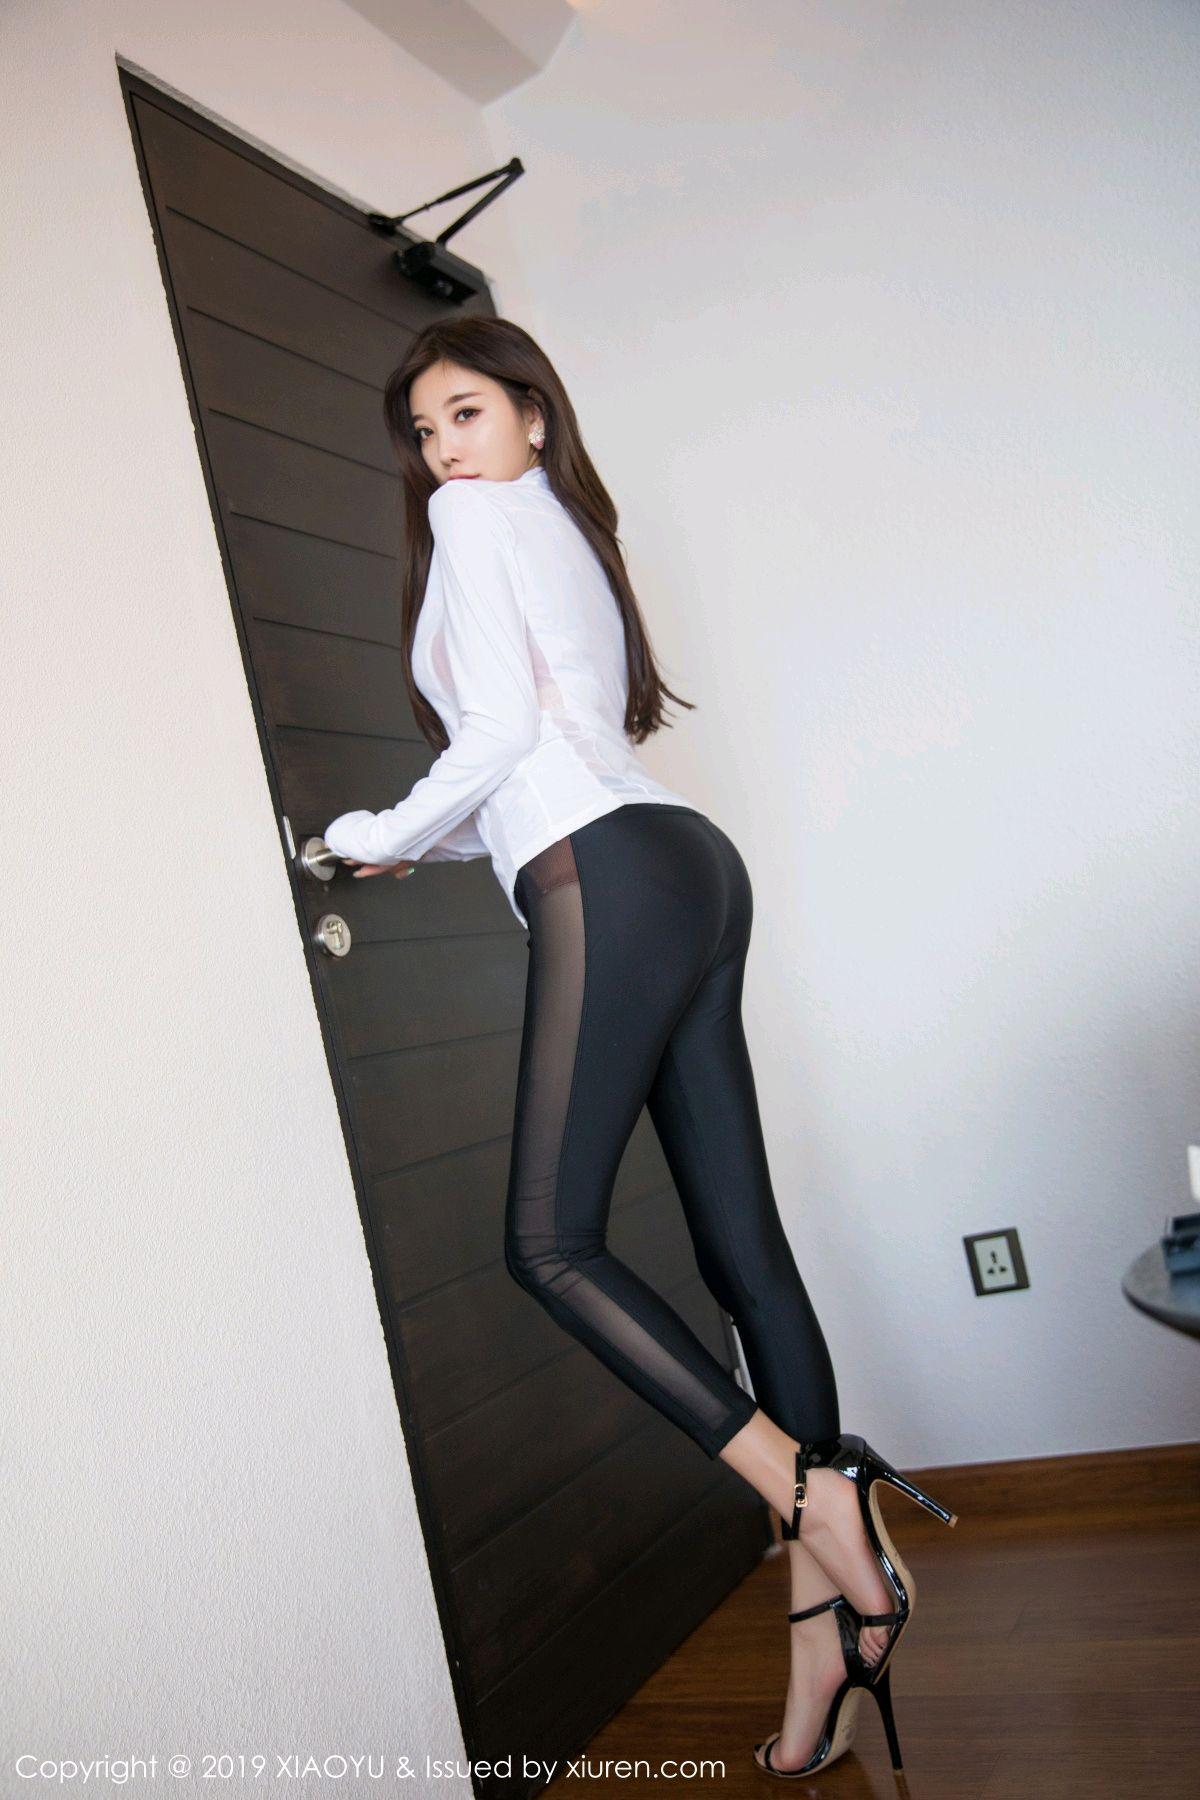 [XiaoYu] Vol.077 Yang Chen Chen Sugar 1P, Underwear, XiaoYu, Yang Chen Chen